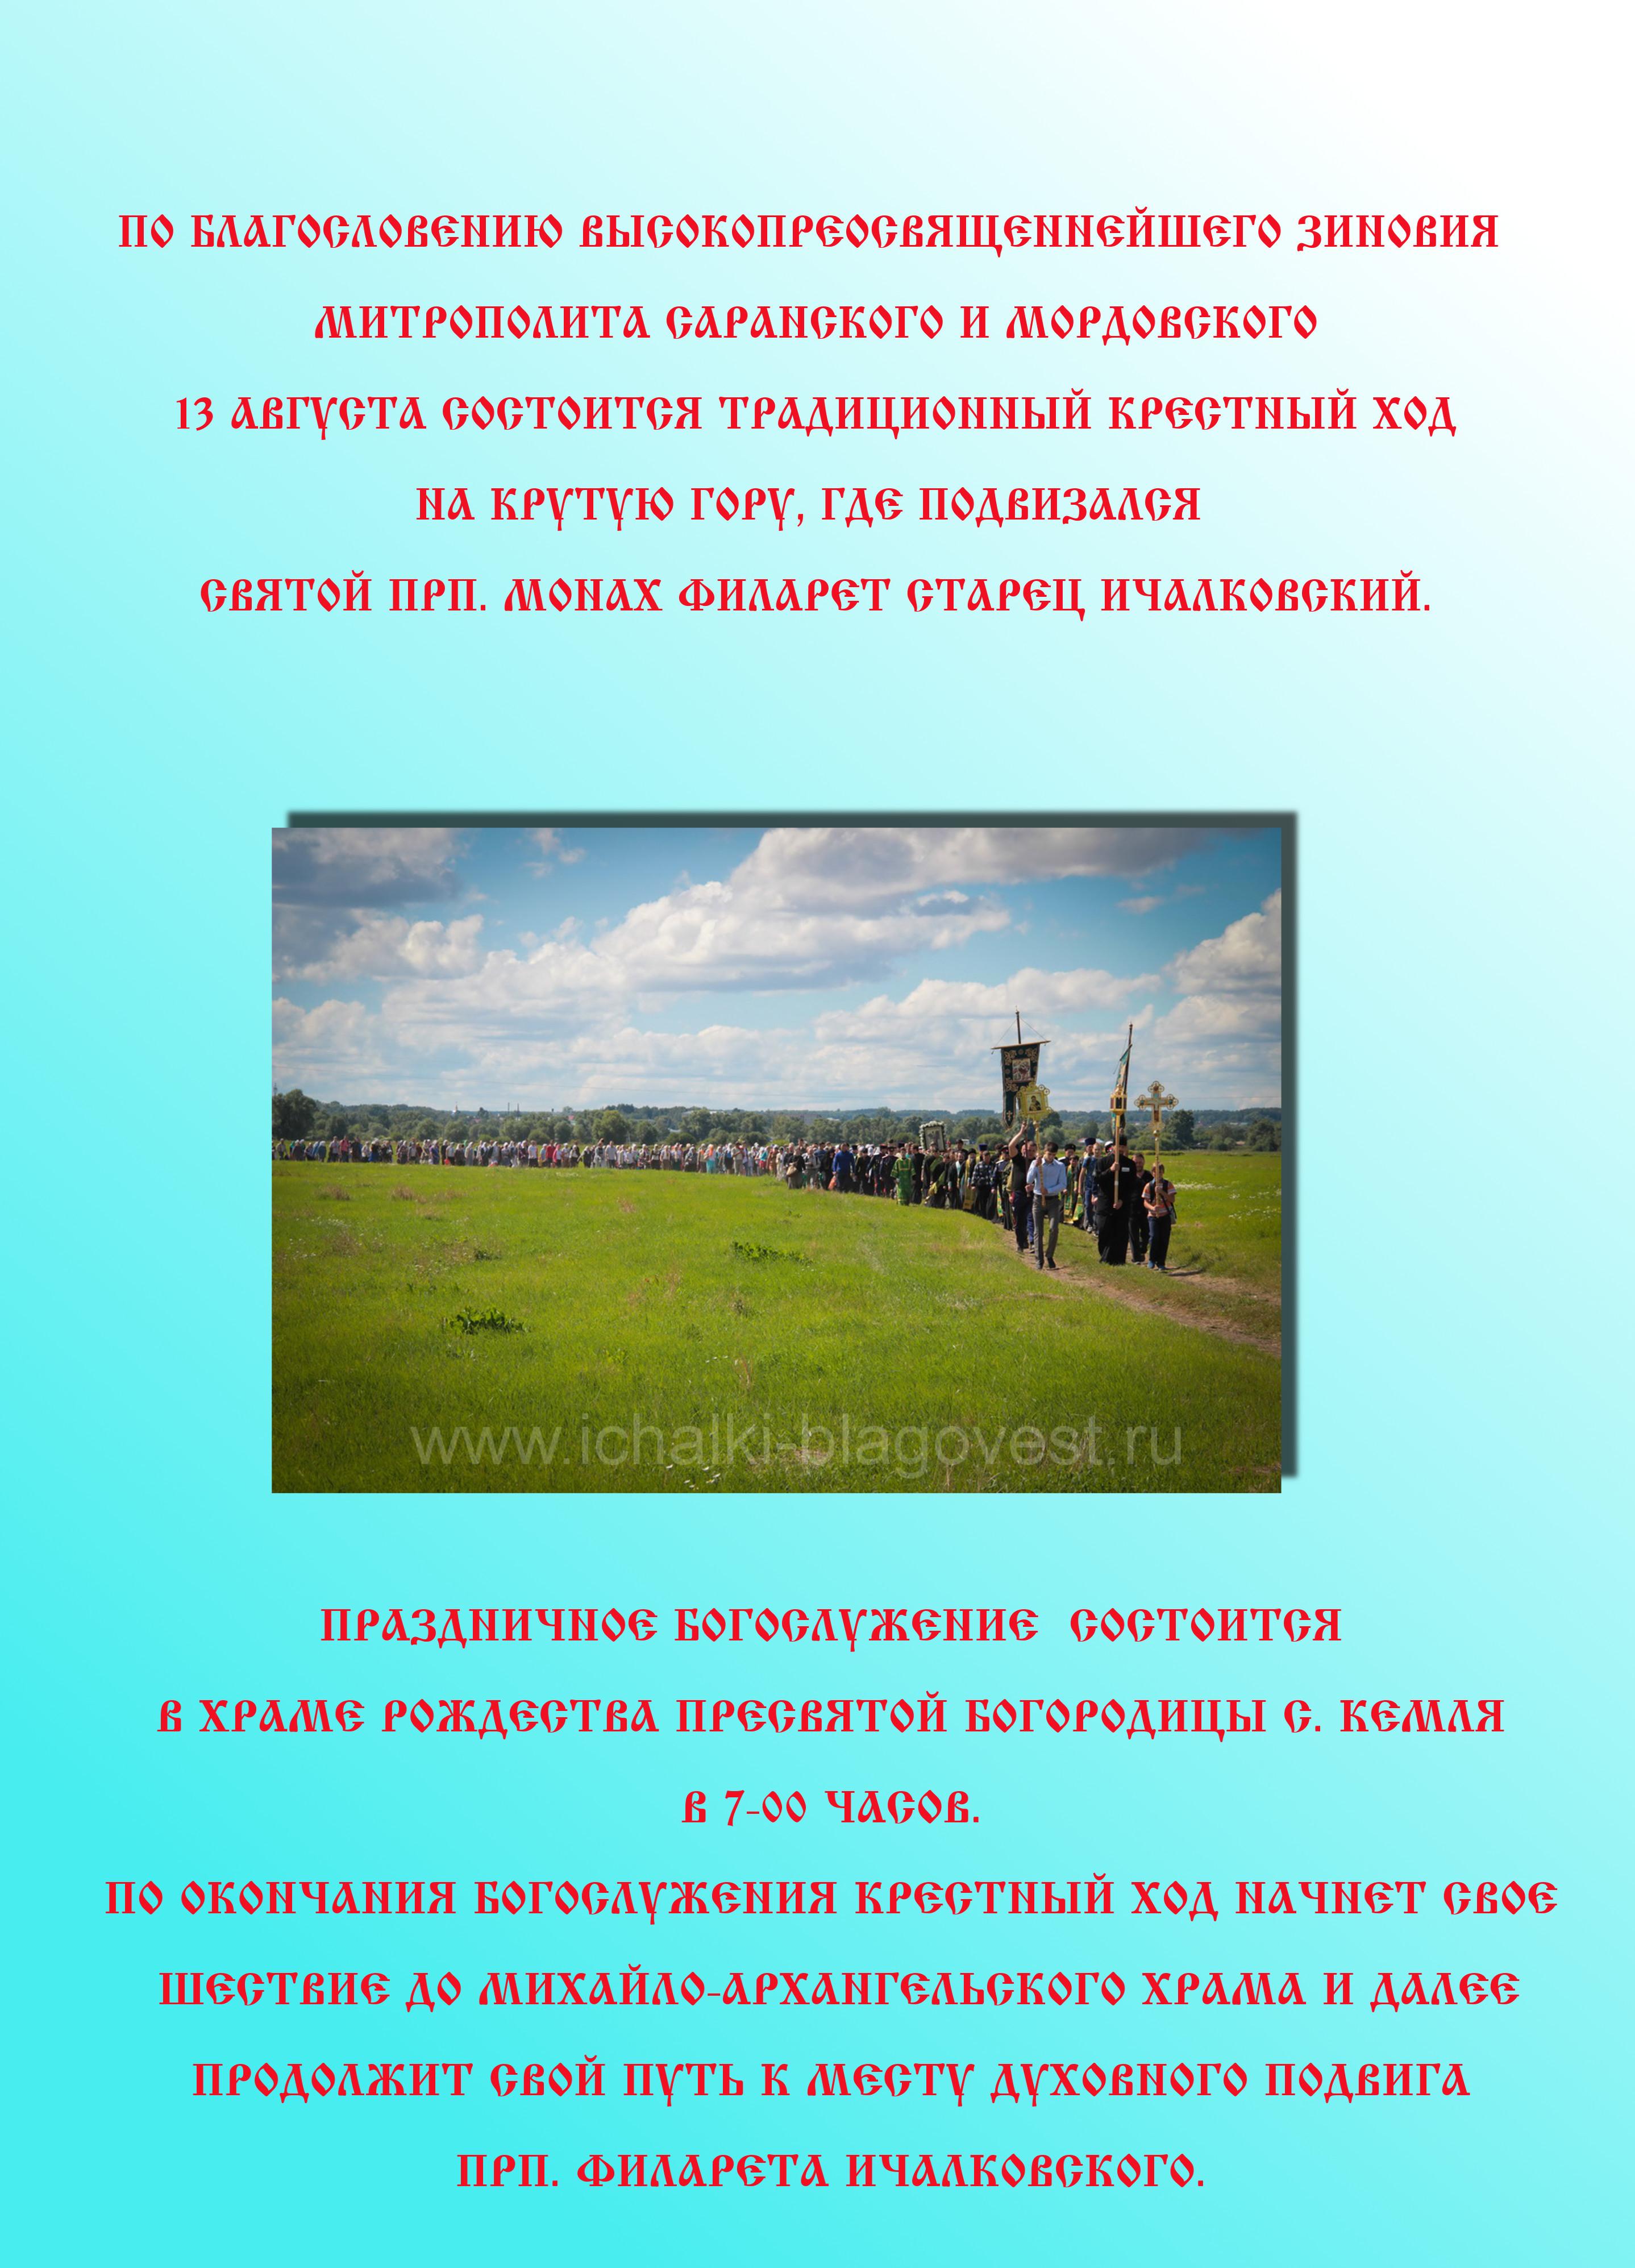 МОНАХ ФИЛАРЕТ СТАРЕЦ ичалковский